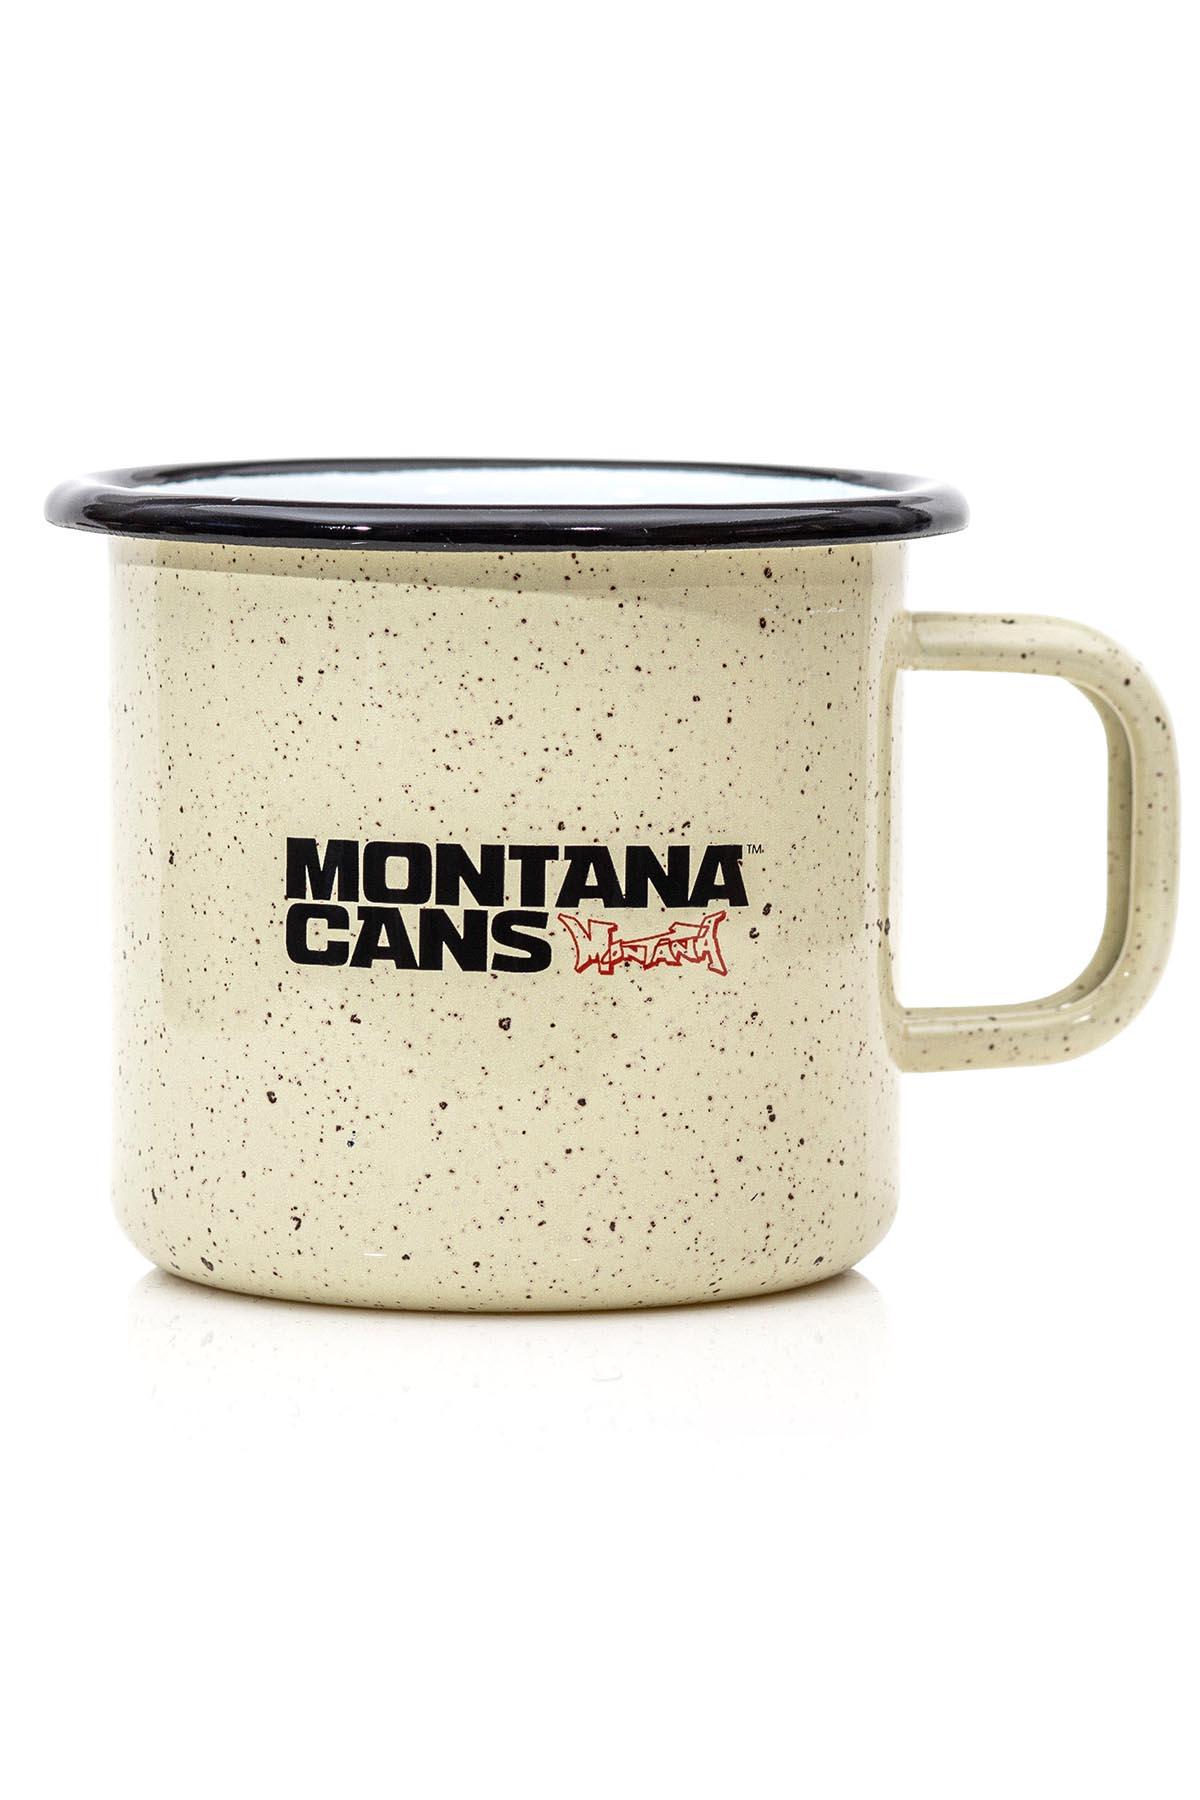 Montana TYPO LOGO Tazza